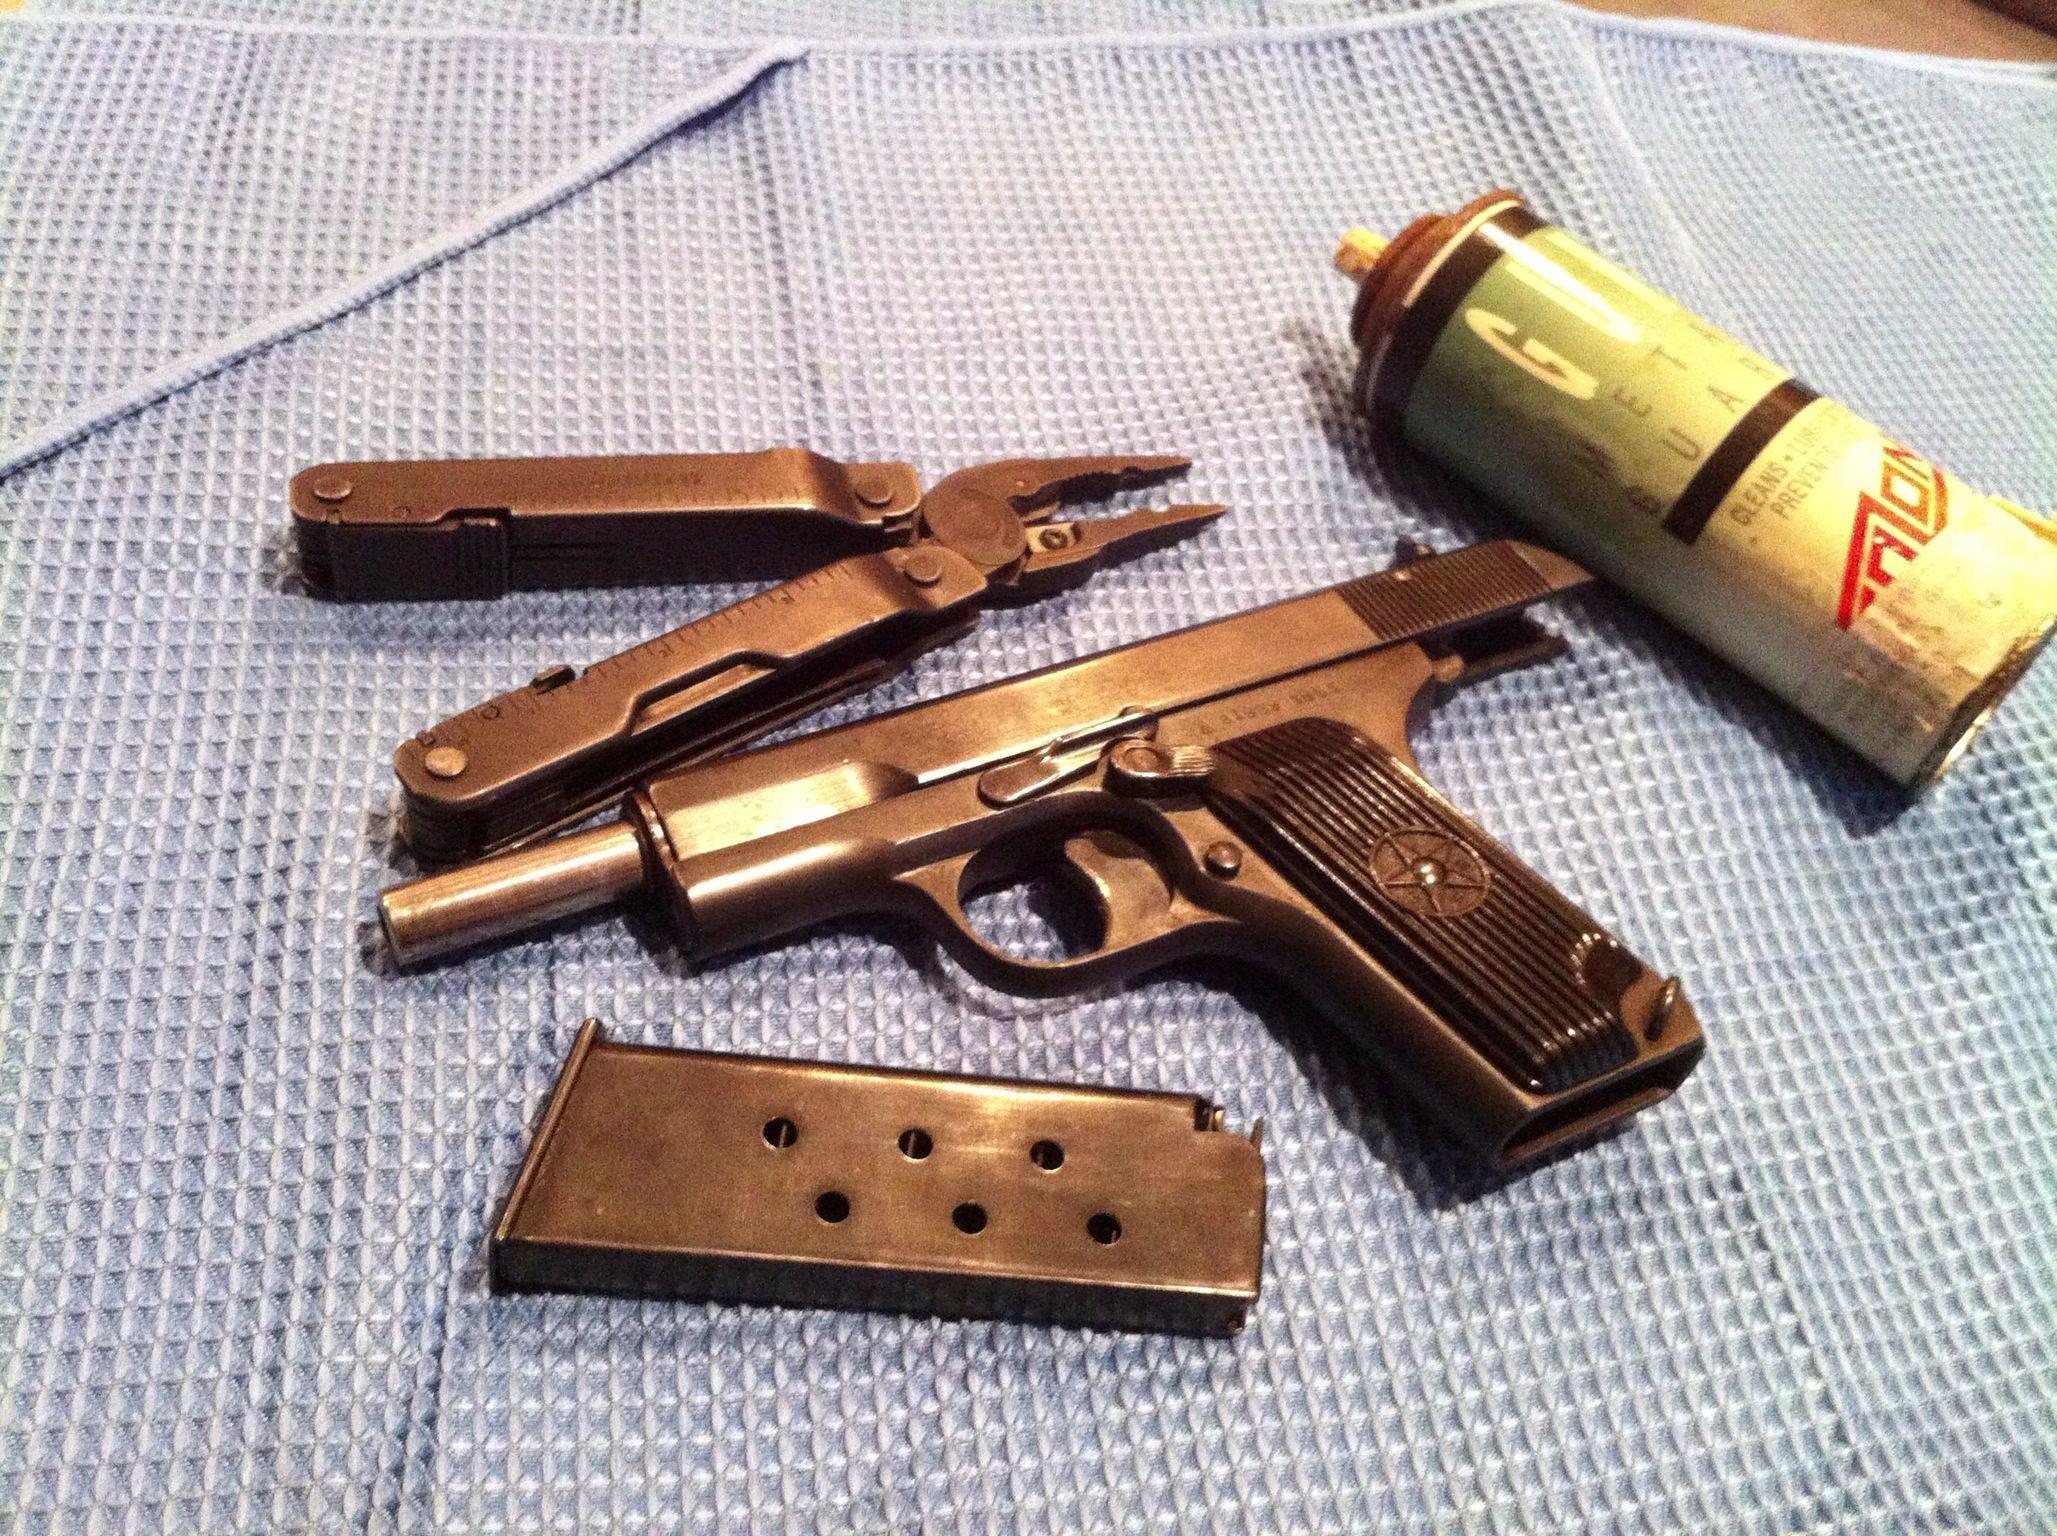 Cleaning the Tokarev. Guns, Hand guns, Firearms